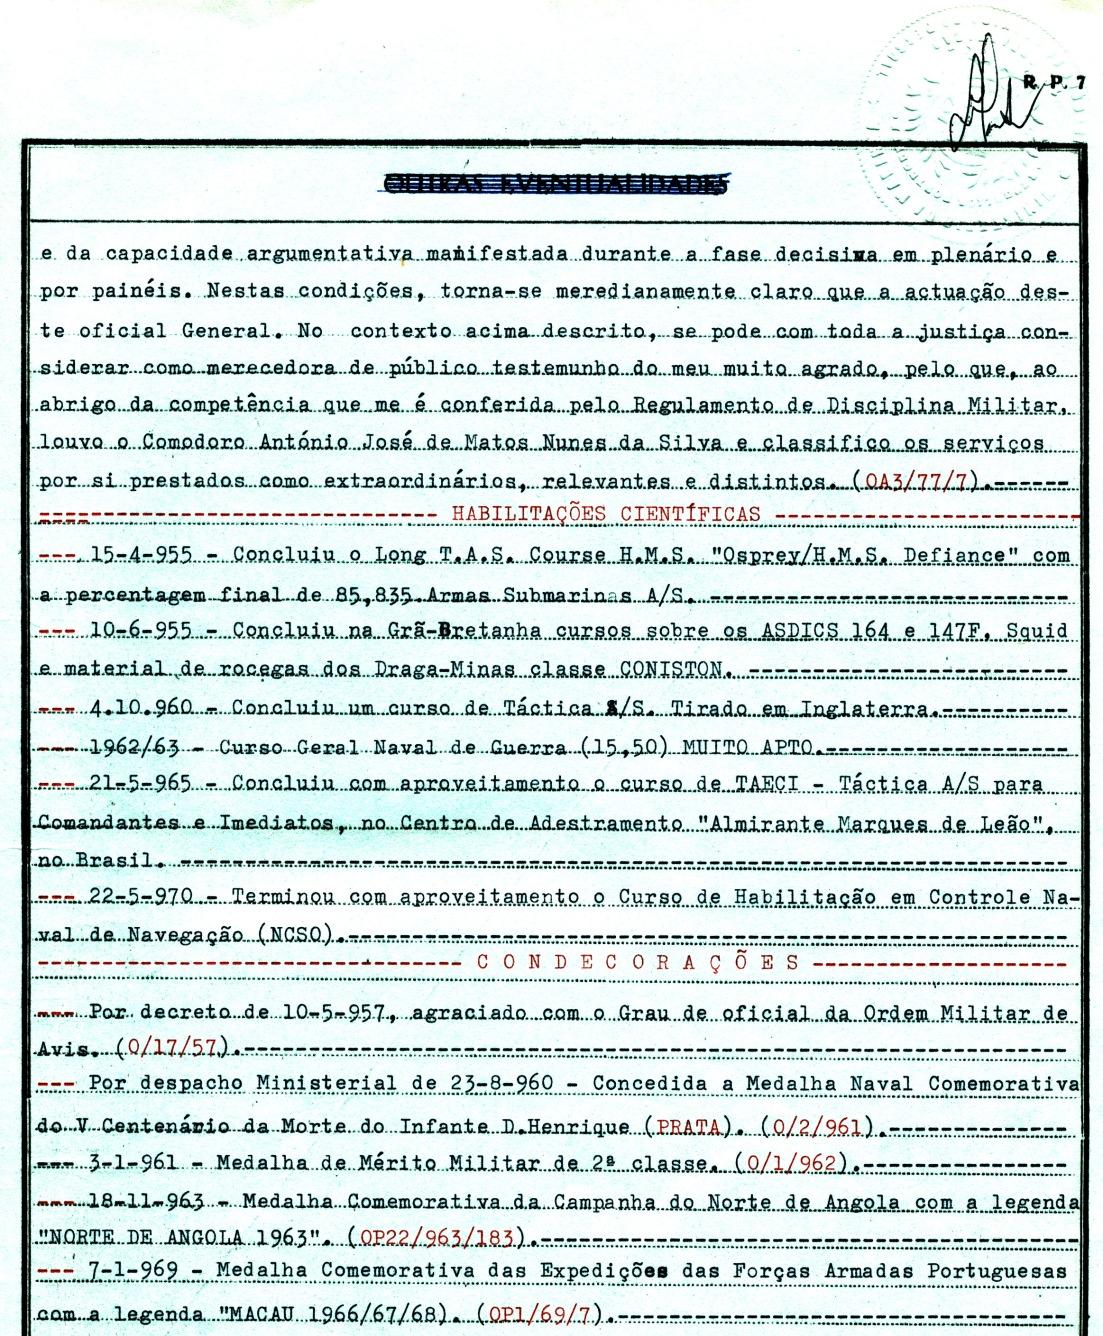 00509 969-01-07 Medalha Comemorativa das Expedições das Forças Armadas Portuguesas -legenda MACAU 1966-67-68 -Nota de Assentamentos